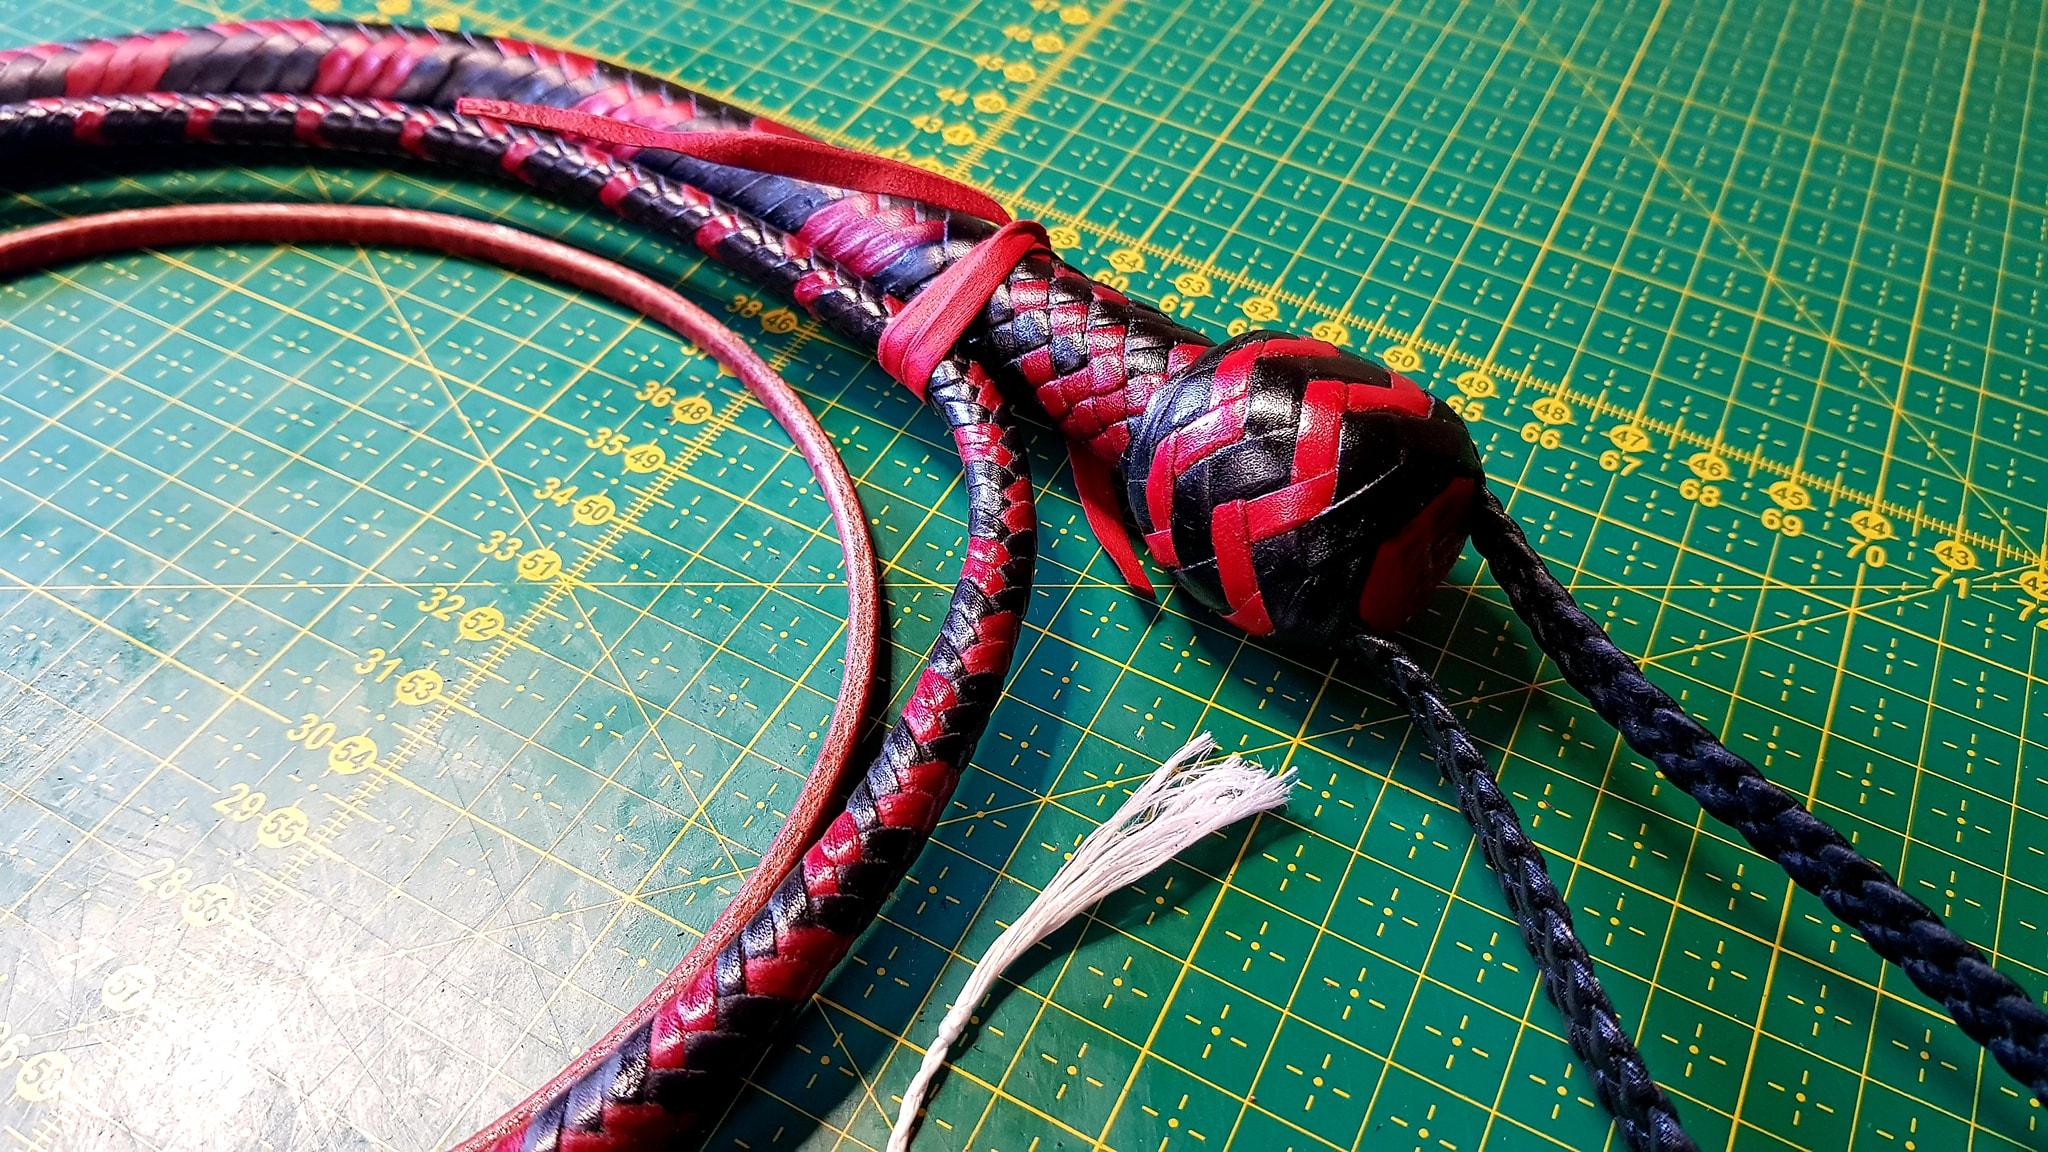 Snake red black